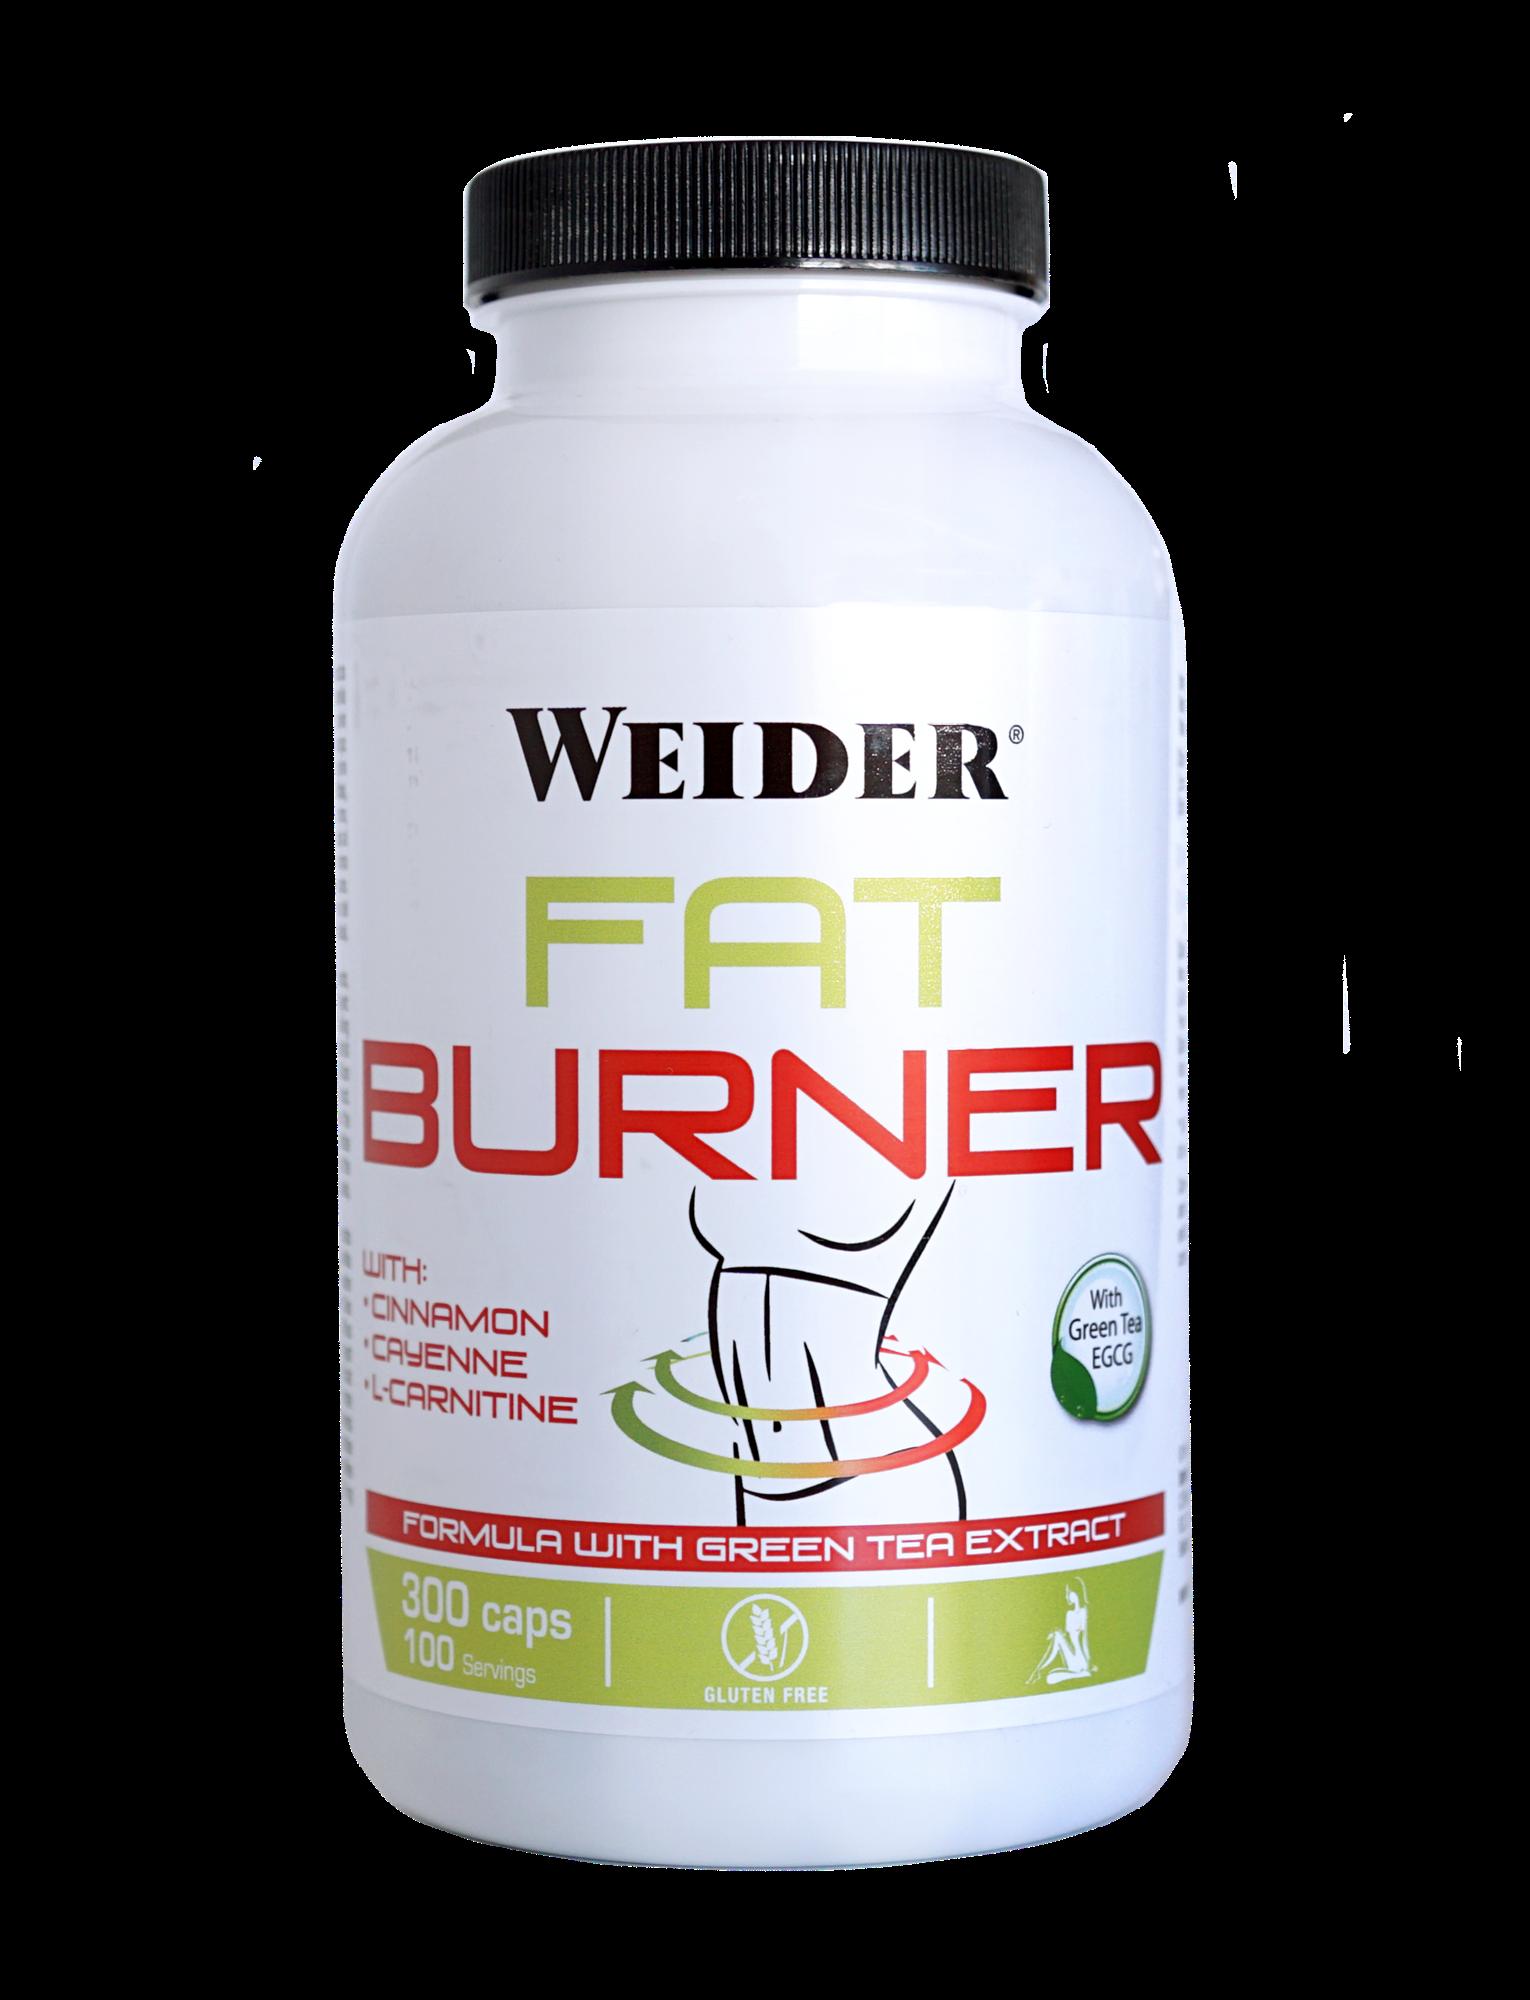 Weider, Fat Burner with Green Tea, 300 kapslí, Jemně stimulační termogení spalovač tuku